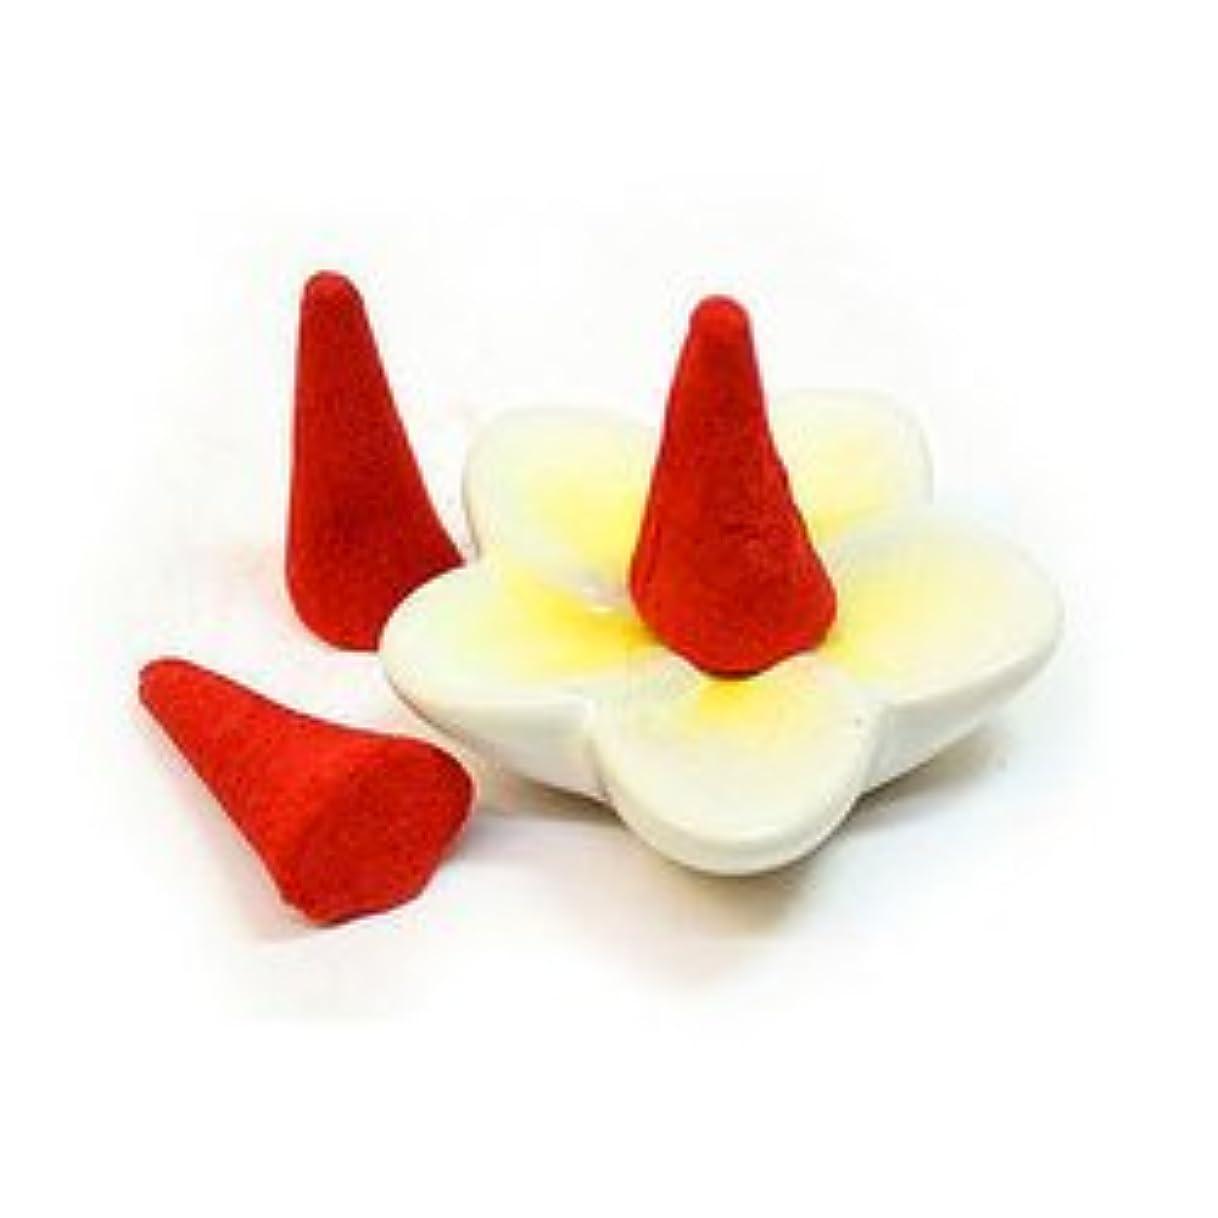 プレミアかわすドリルタイのお香 コーンタイプ インセンス リラワディー アジアン雑貨